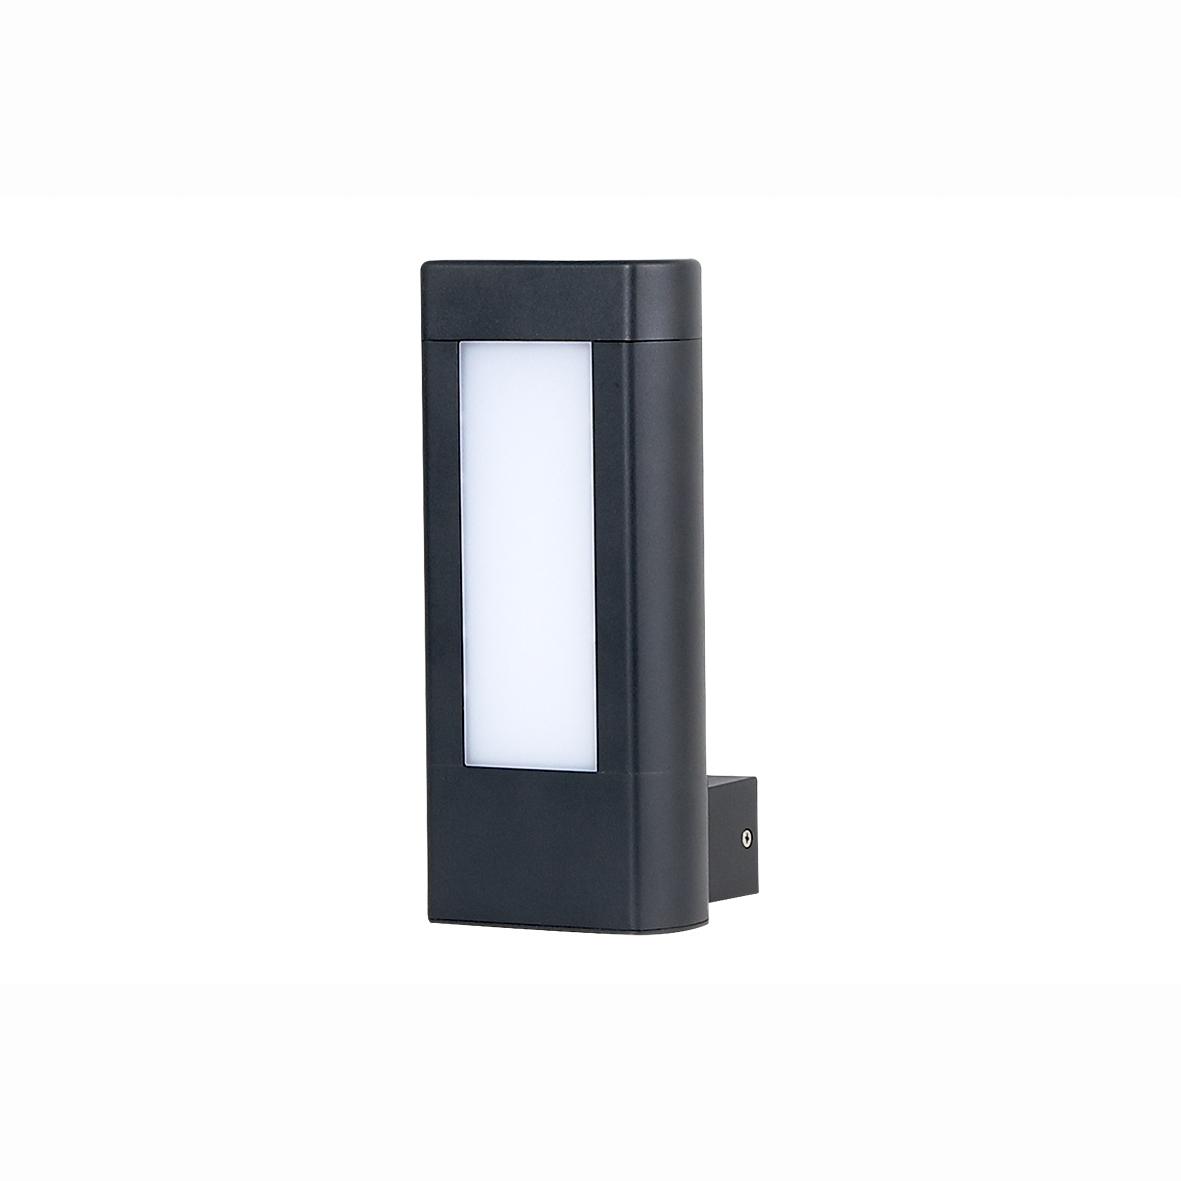 چراغ های حیاطی و پارکی SH-15404